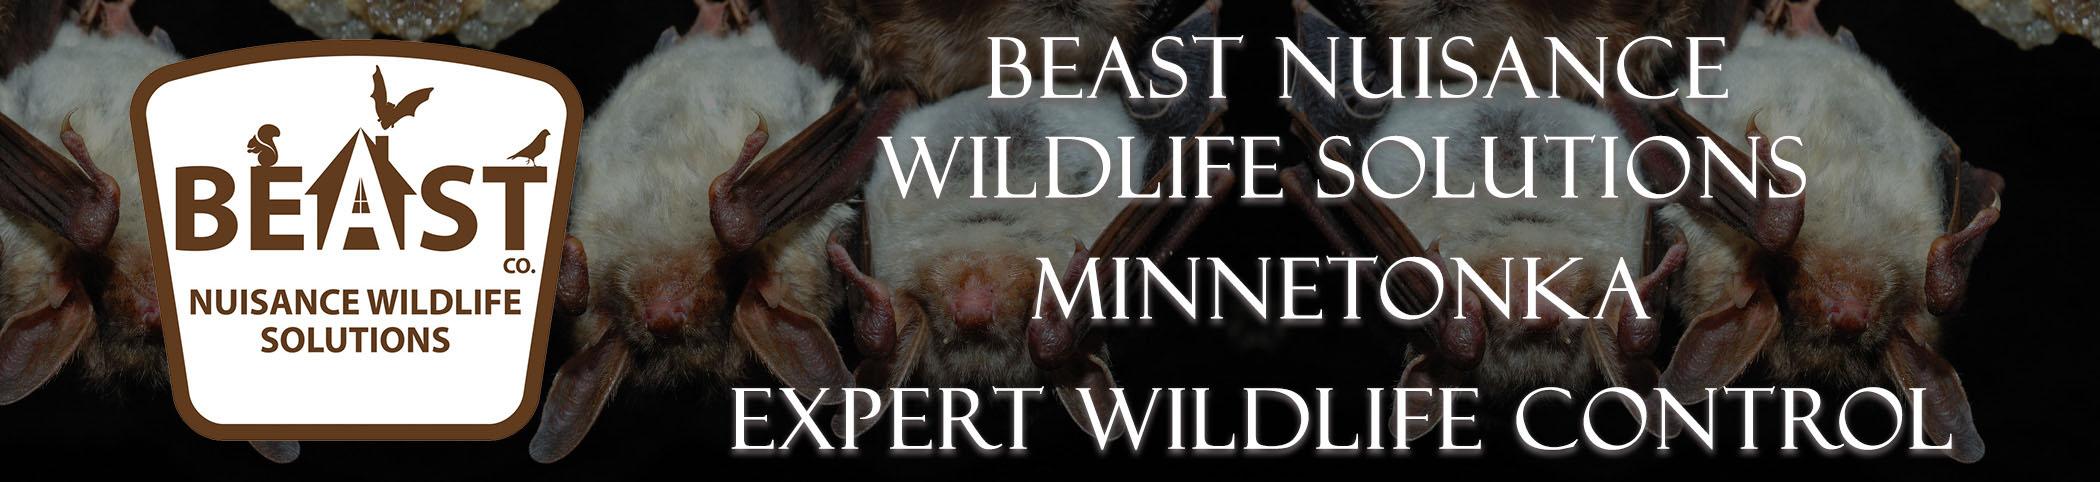 beast_headers_Minnetonka